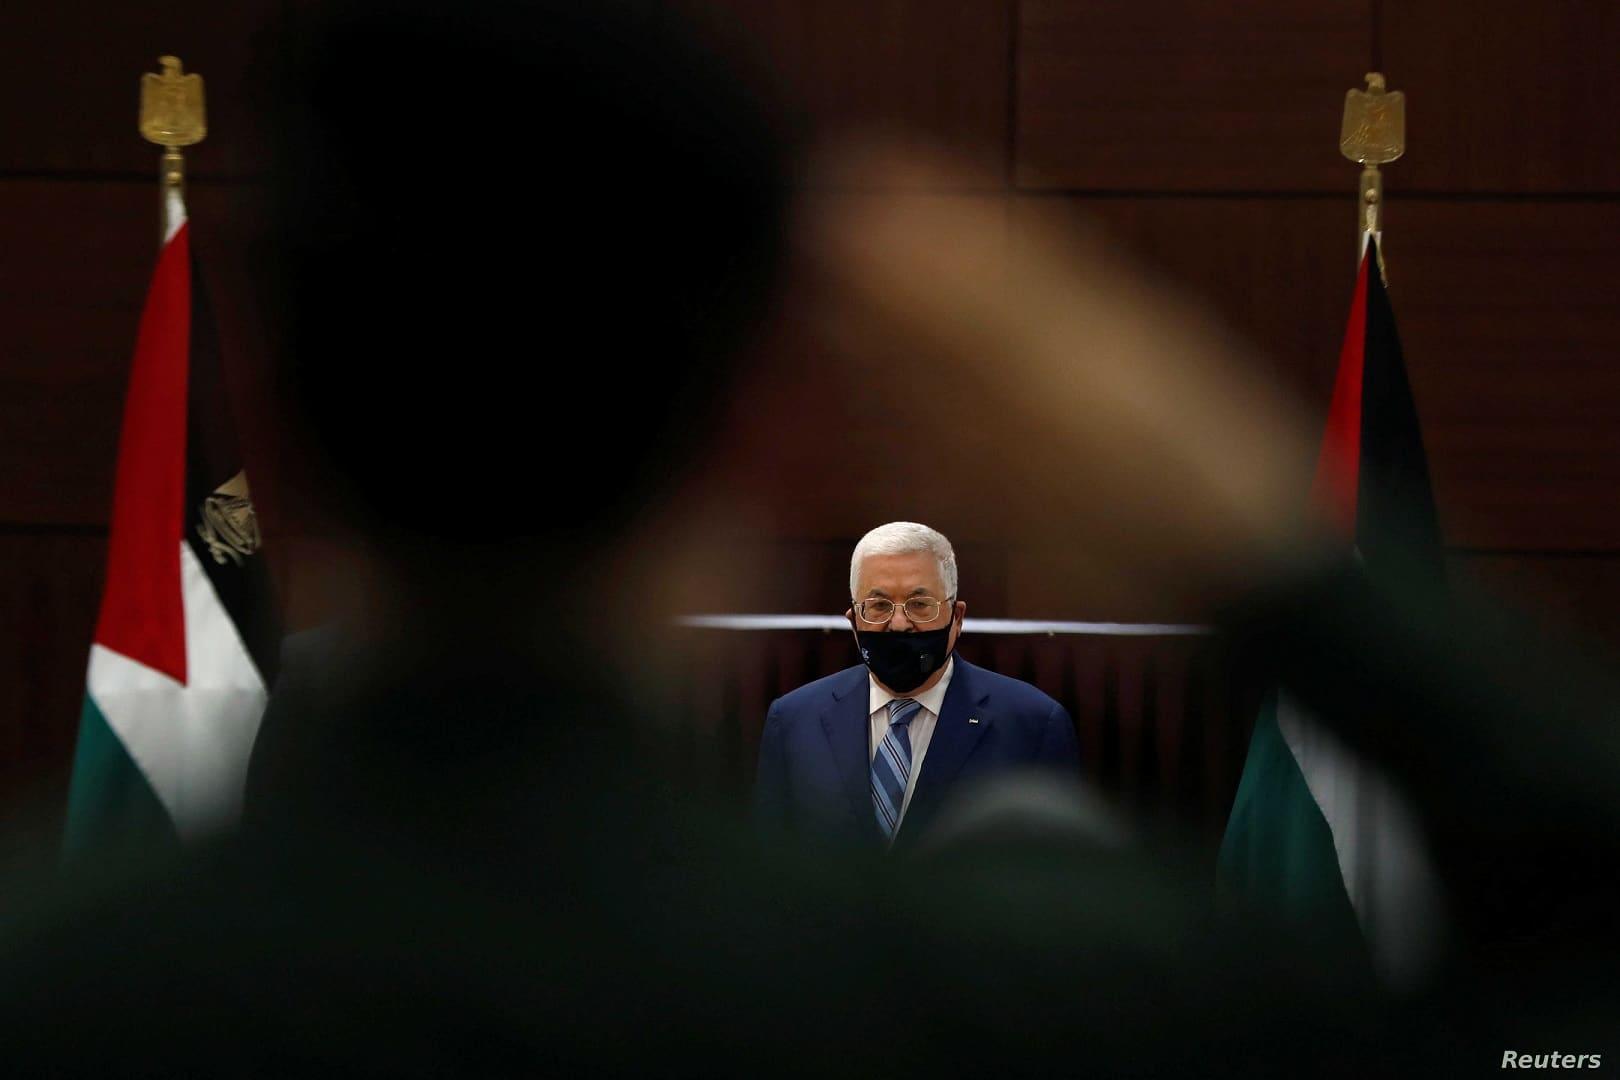 تقرير: محمود عباس الشخص الأكثر عزلة في الشرق الأوسط ولا يتحدث مع الزعماء العرب